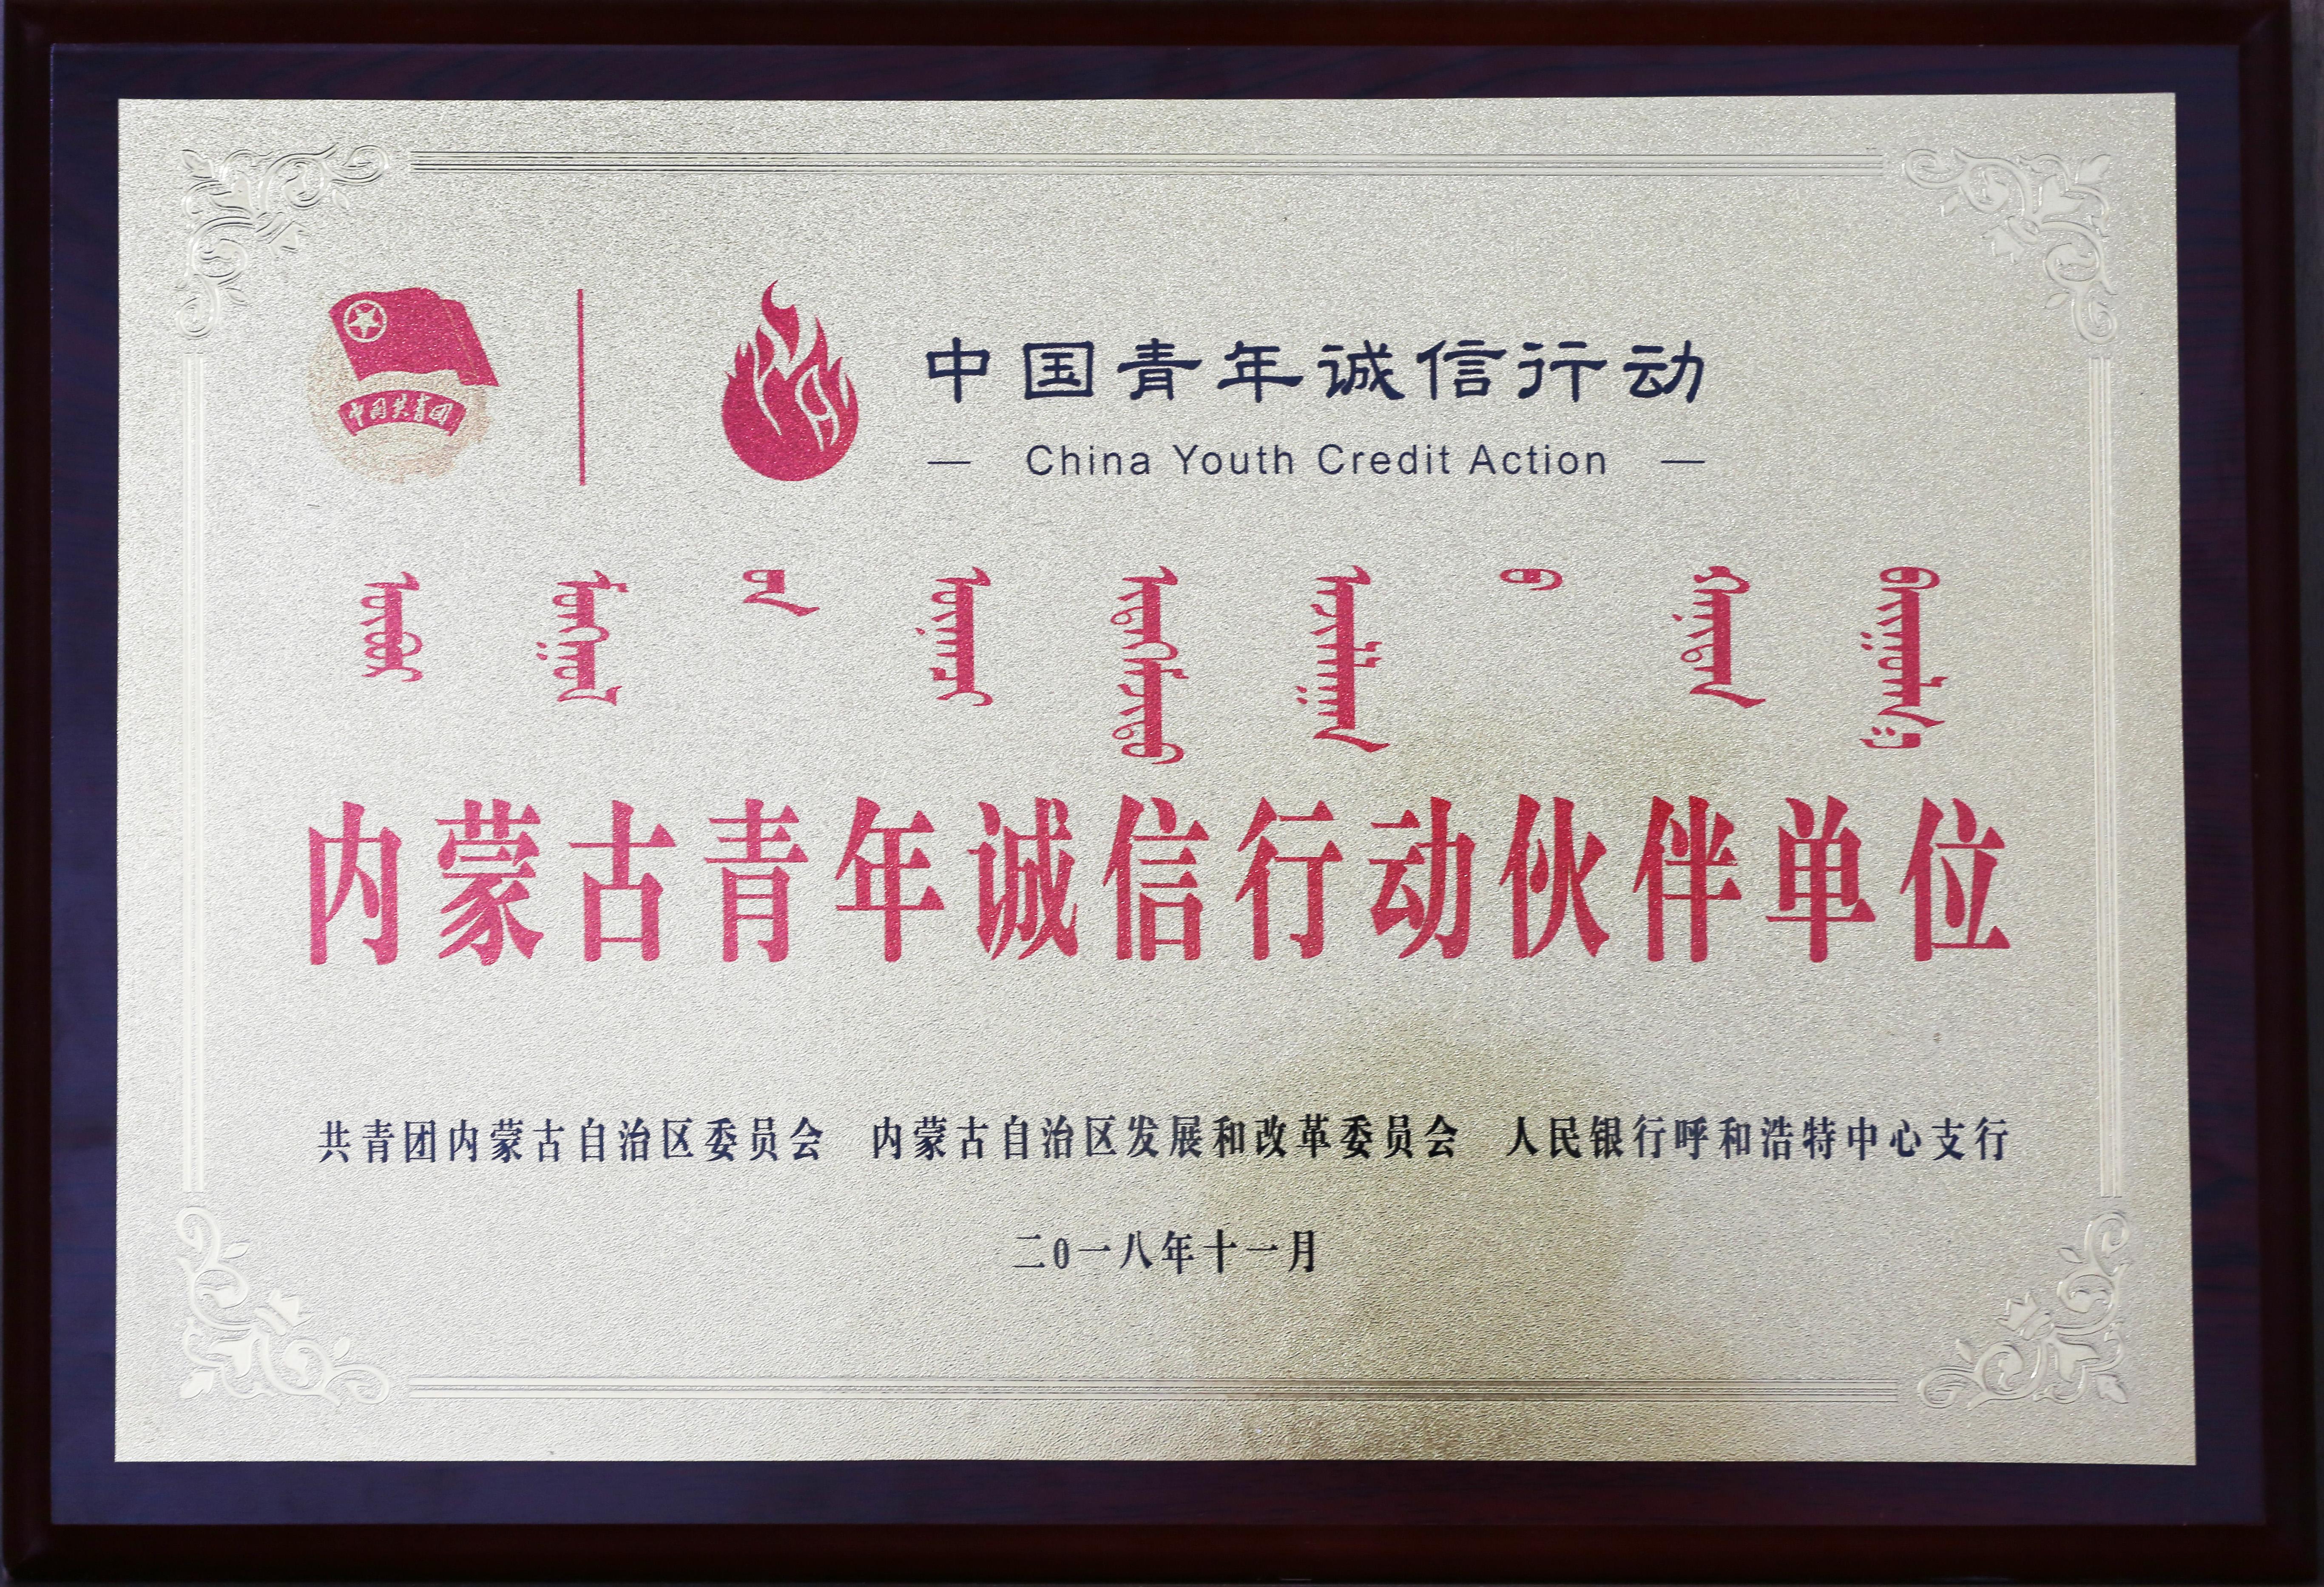 内蒙古青年诚信天津11选5基本走势图一定牛行动伙伴单位